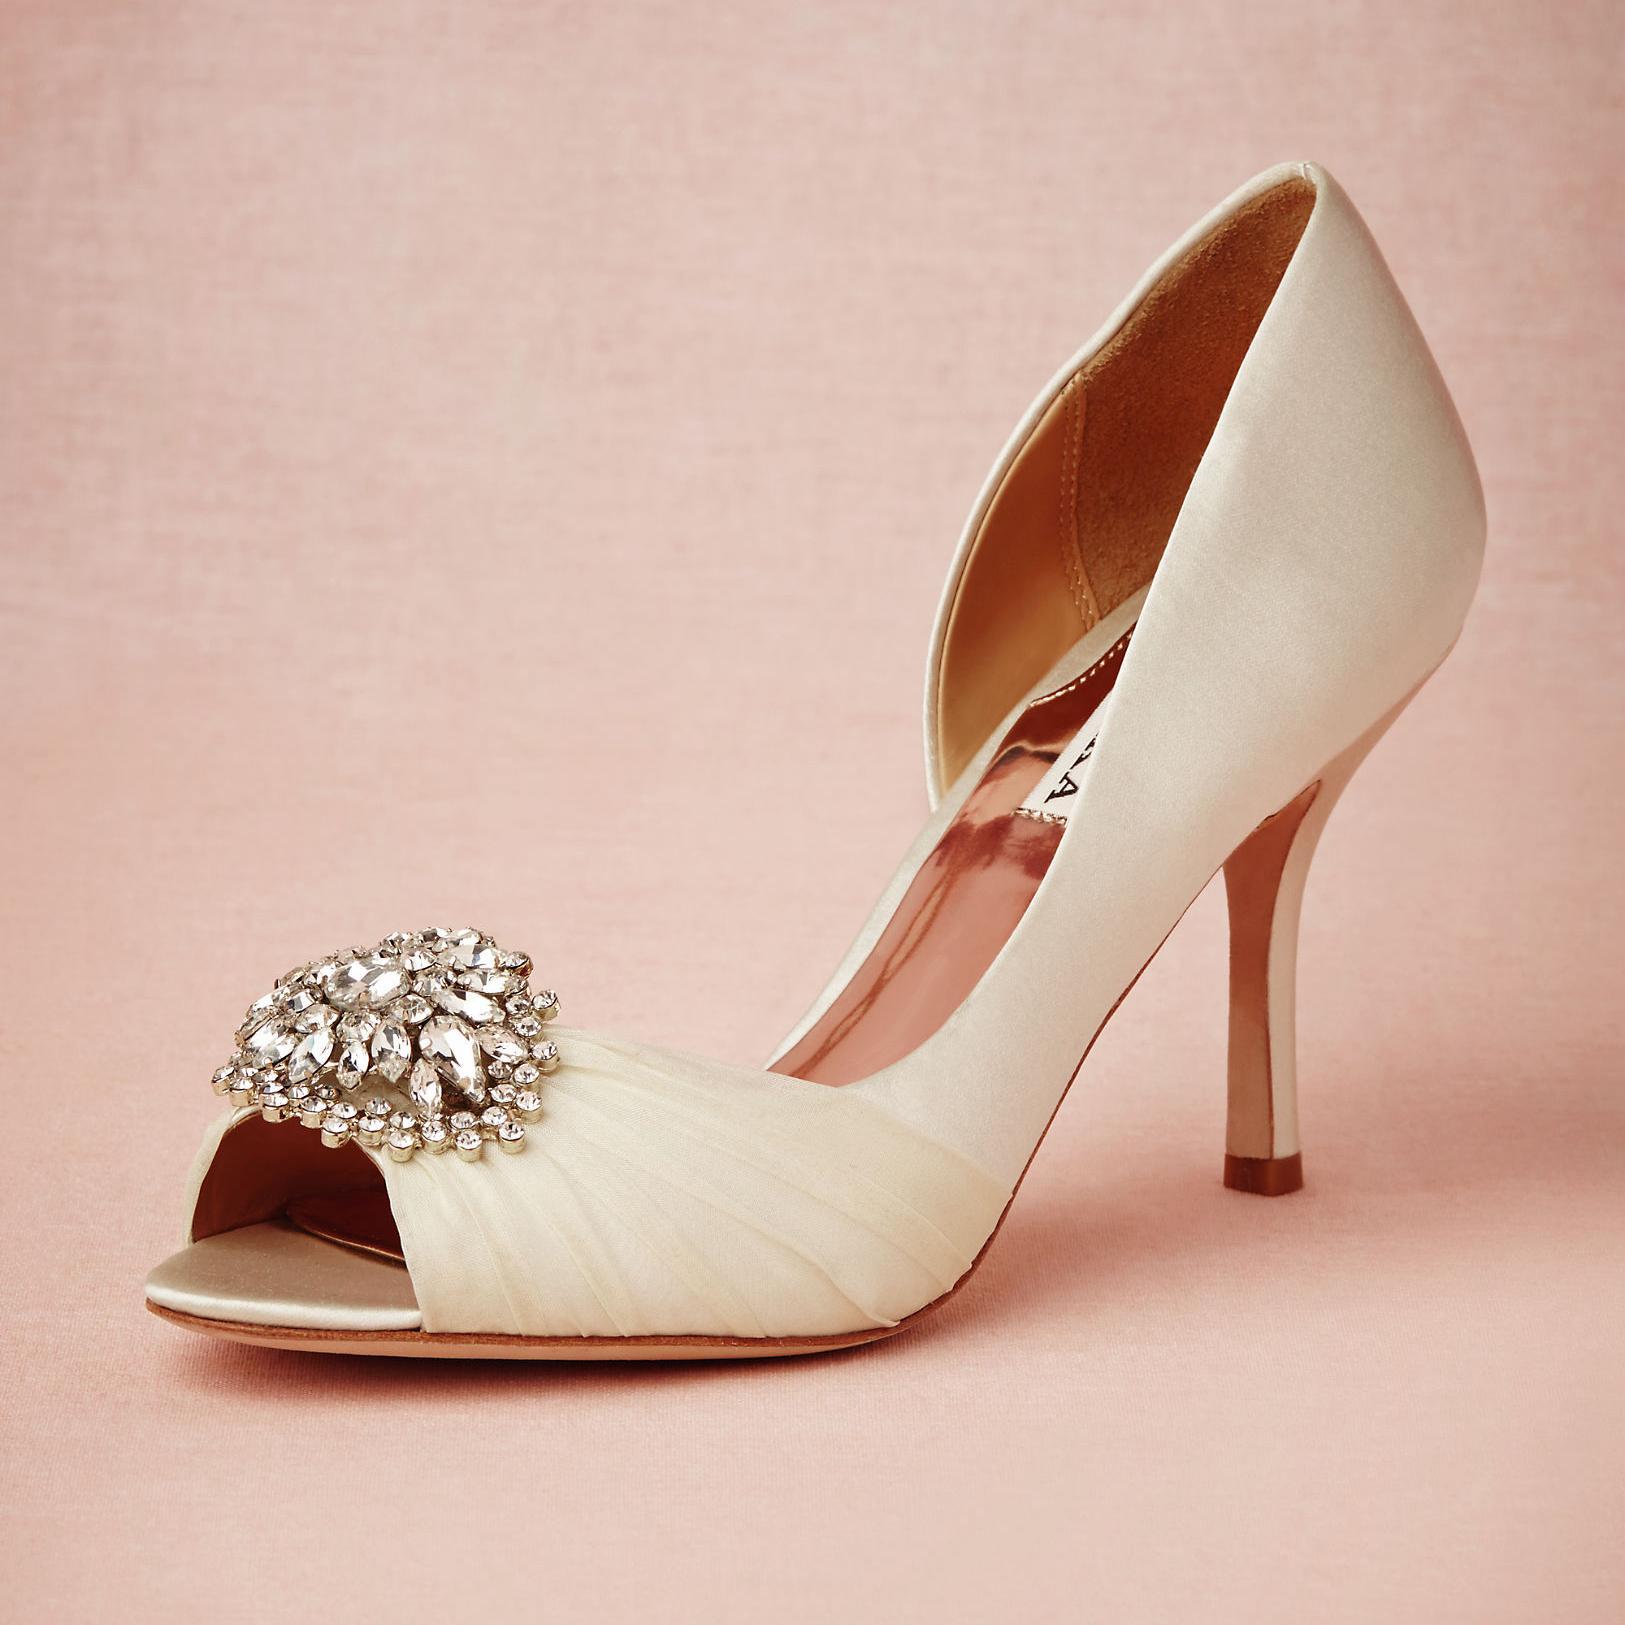 kitten heel wedding shoes Cream Kitten Heel Wedding Shoes